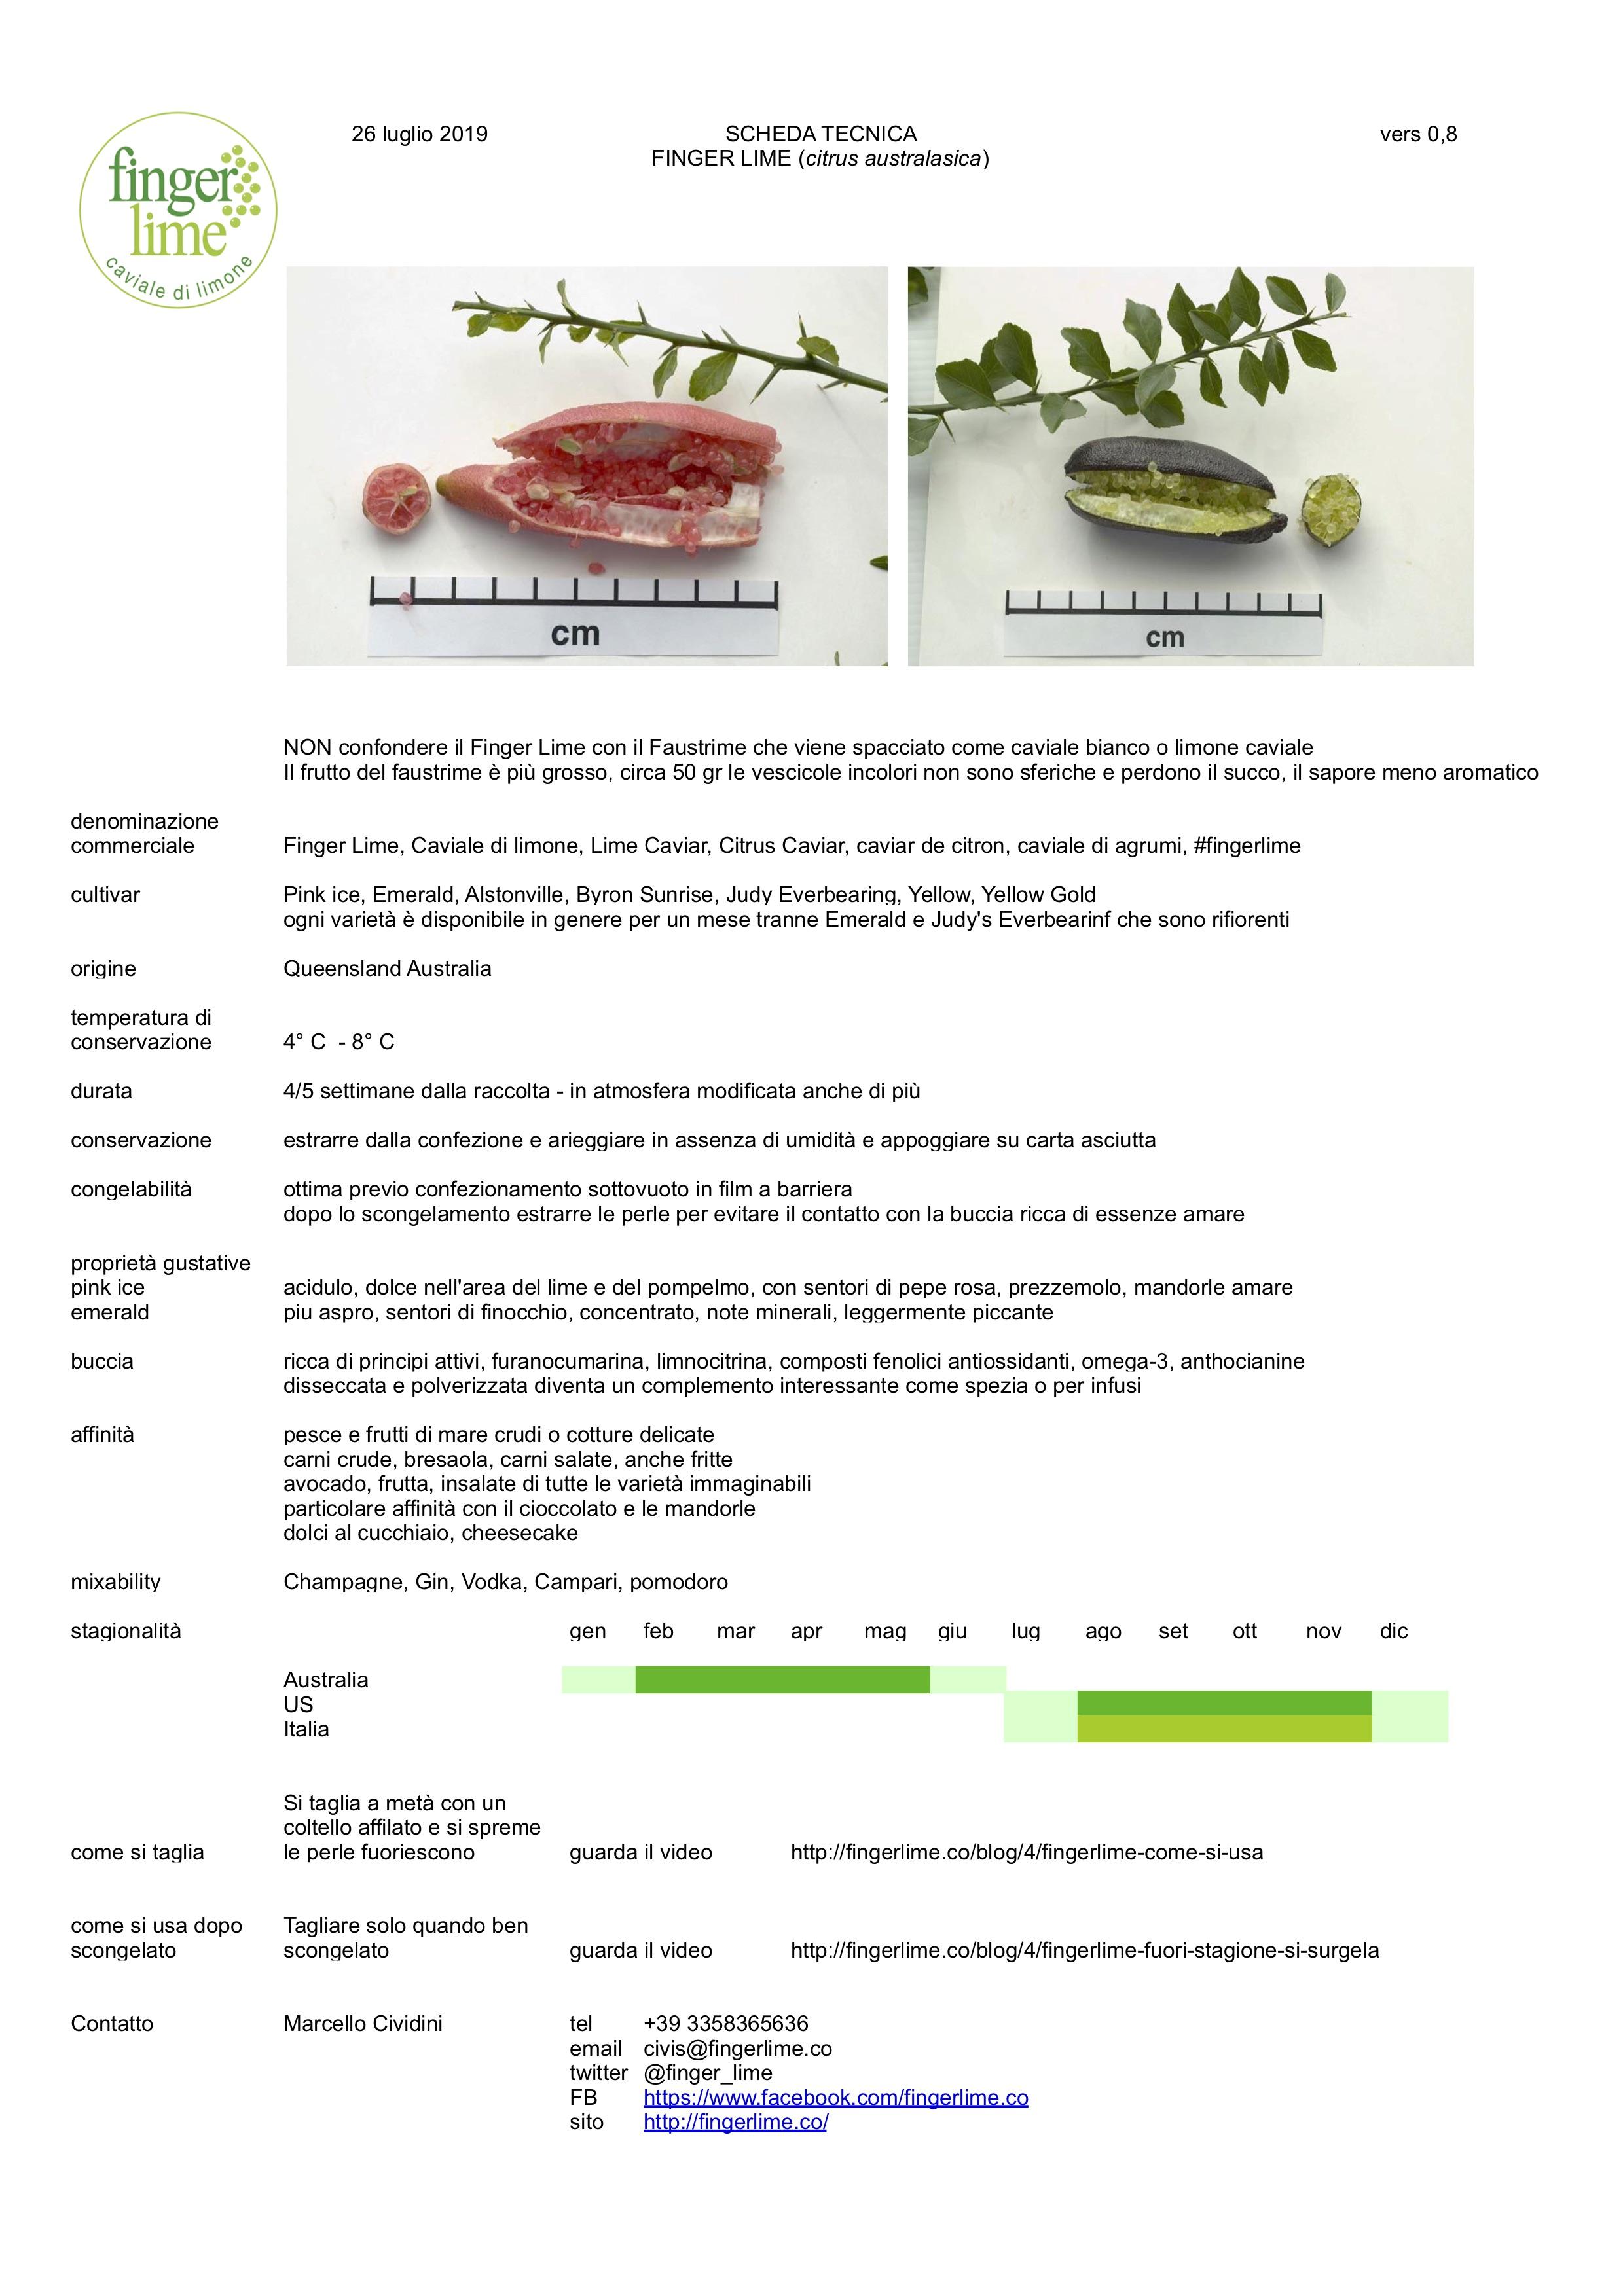 Scheda tecnica finger lime - Informazioni, dati e affinità relative all'uso in cucina e nel bar del finger lime